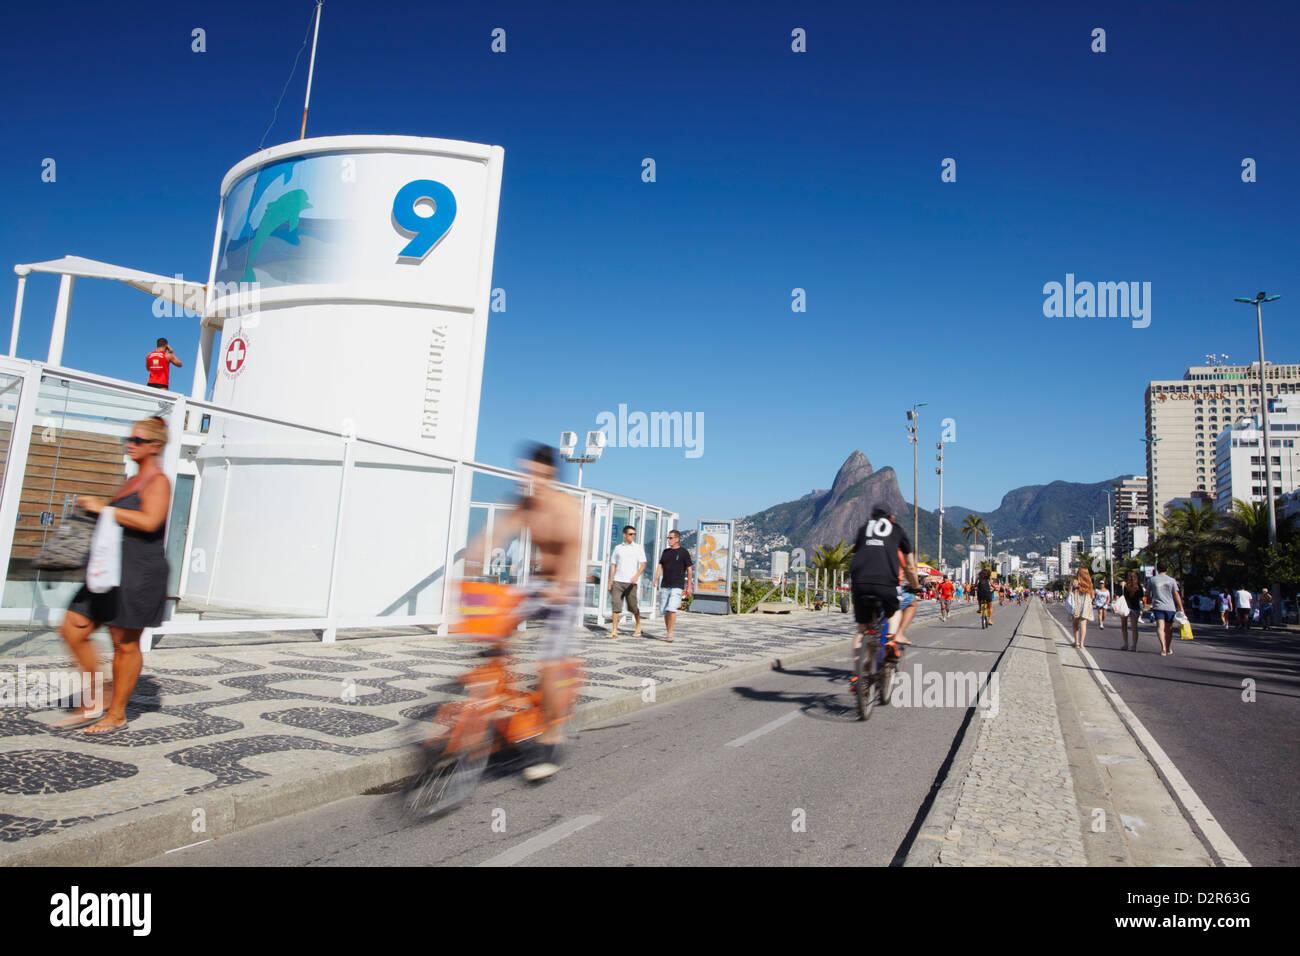 Menschen, Radfahren und Wandern entlang der Fußgängerzone am Sonntag, Ipanema, Rio De Janeiro, Brasilien, Stockbild